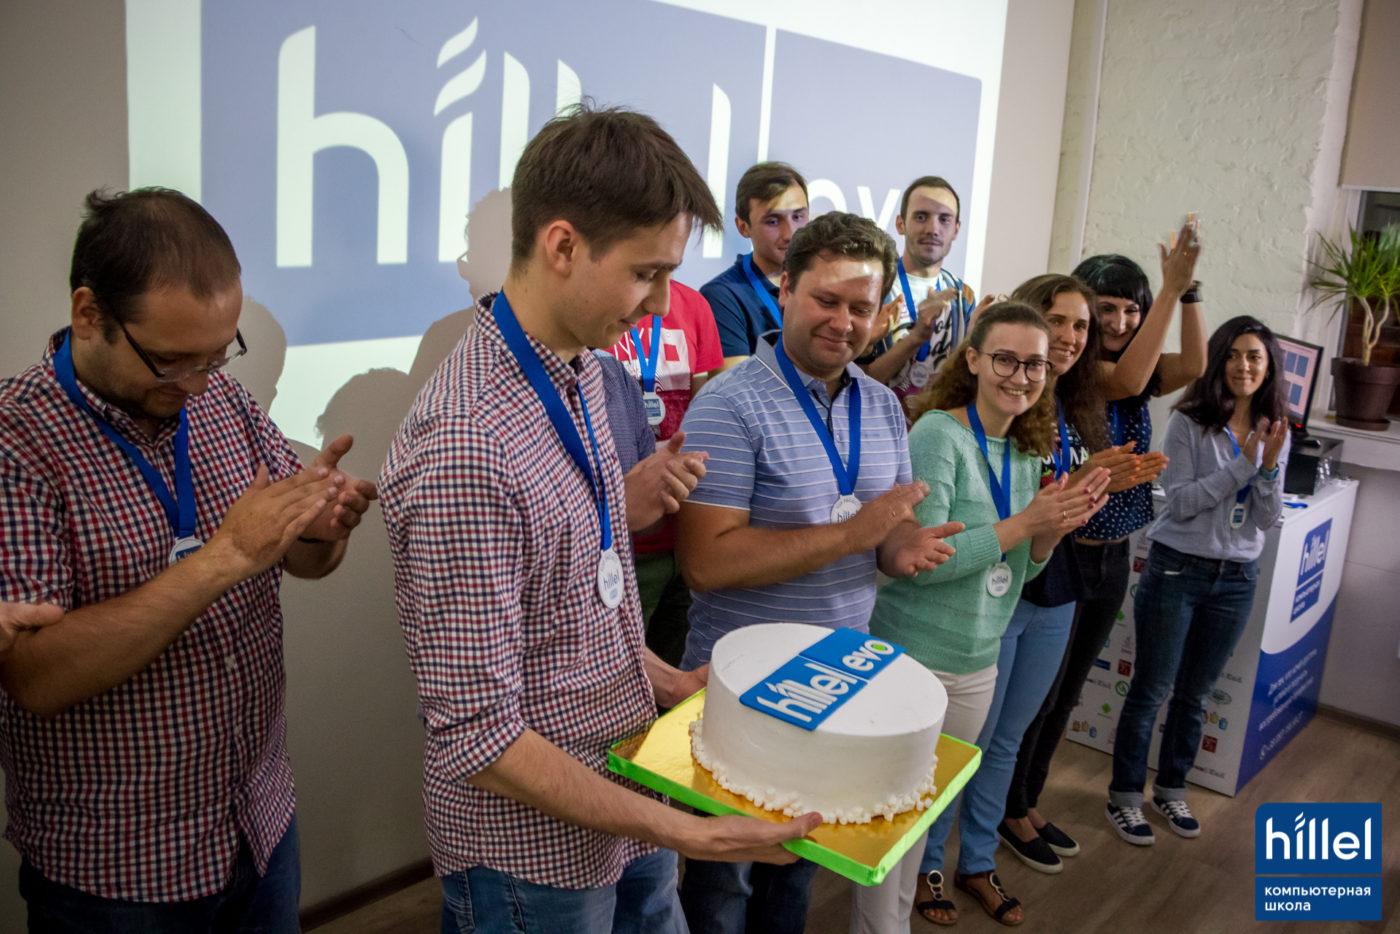 Новости школы: Презентация рабочих прототипов проектов в рамках второго цикла программы Hillel Evo в Одессе